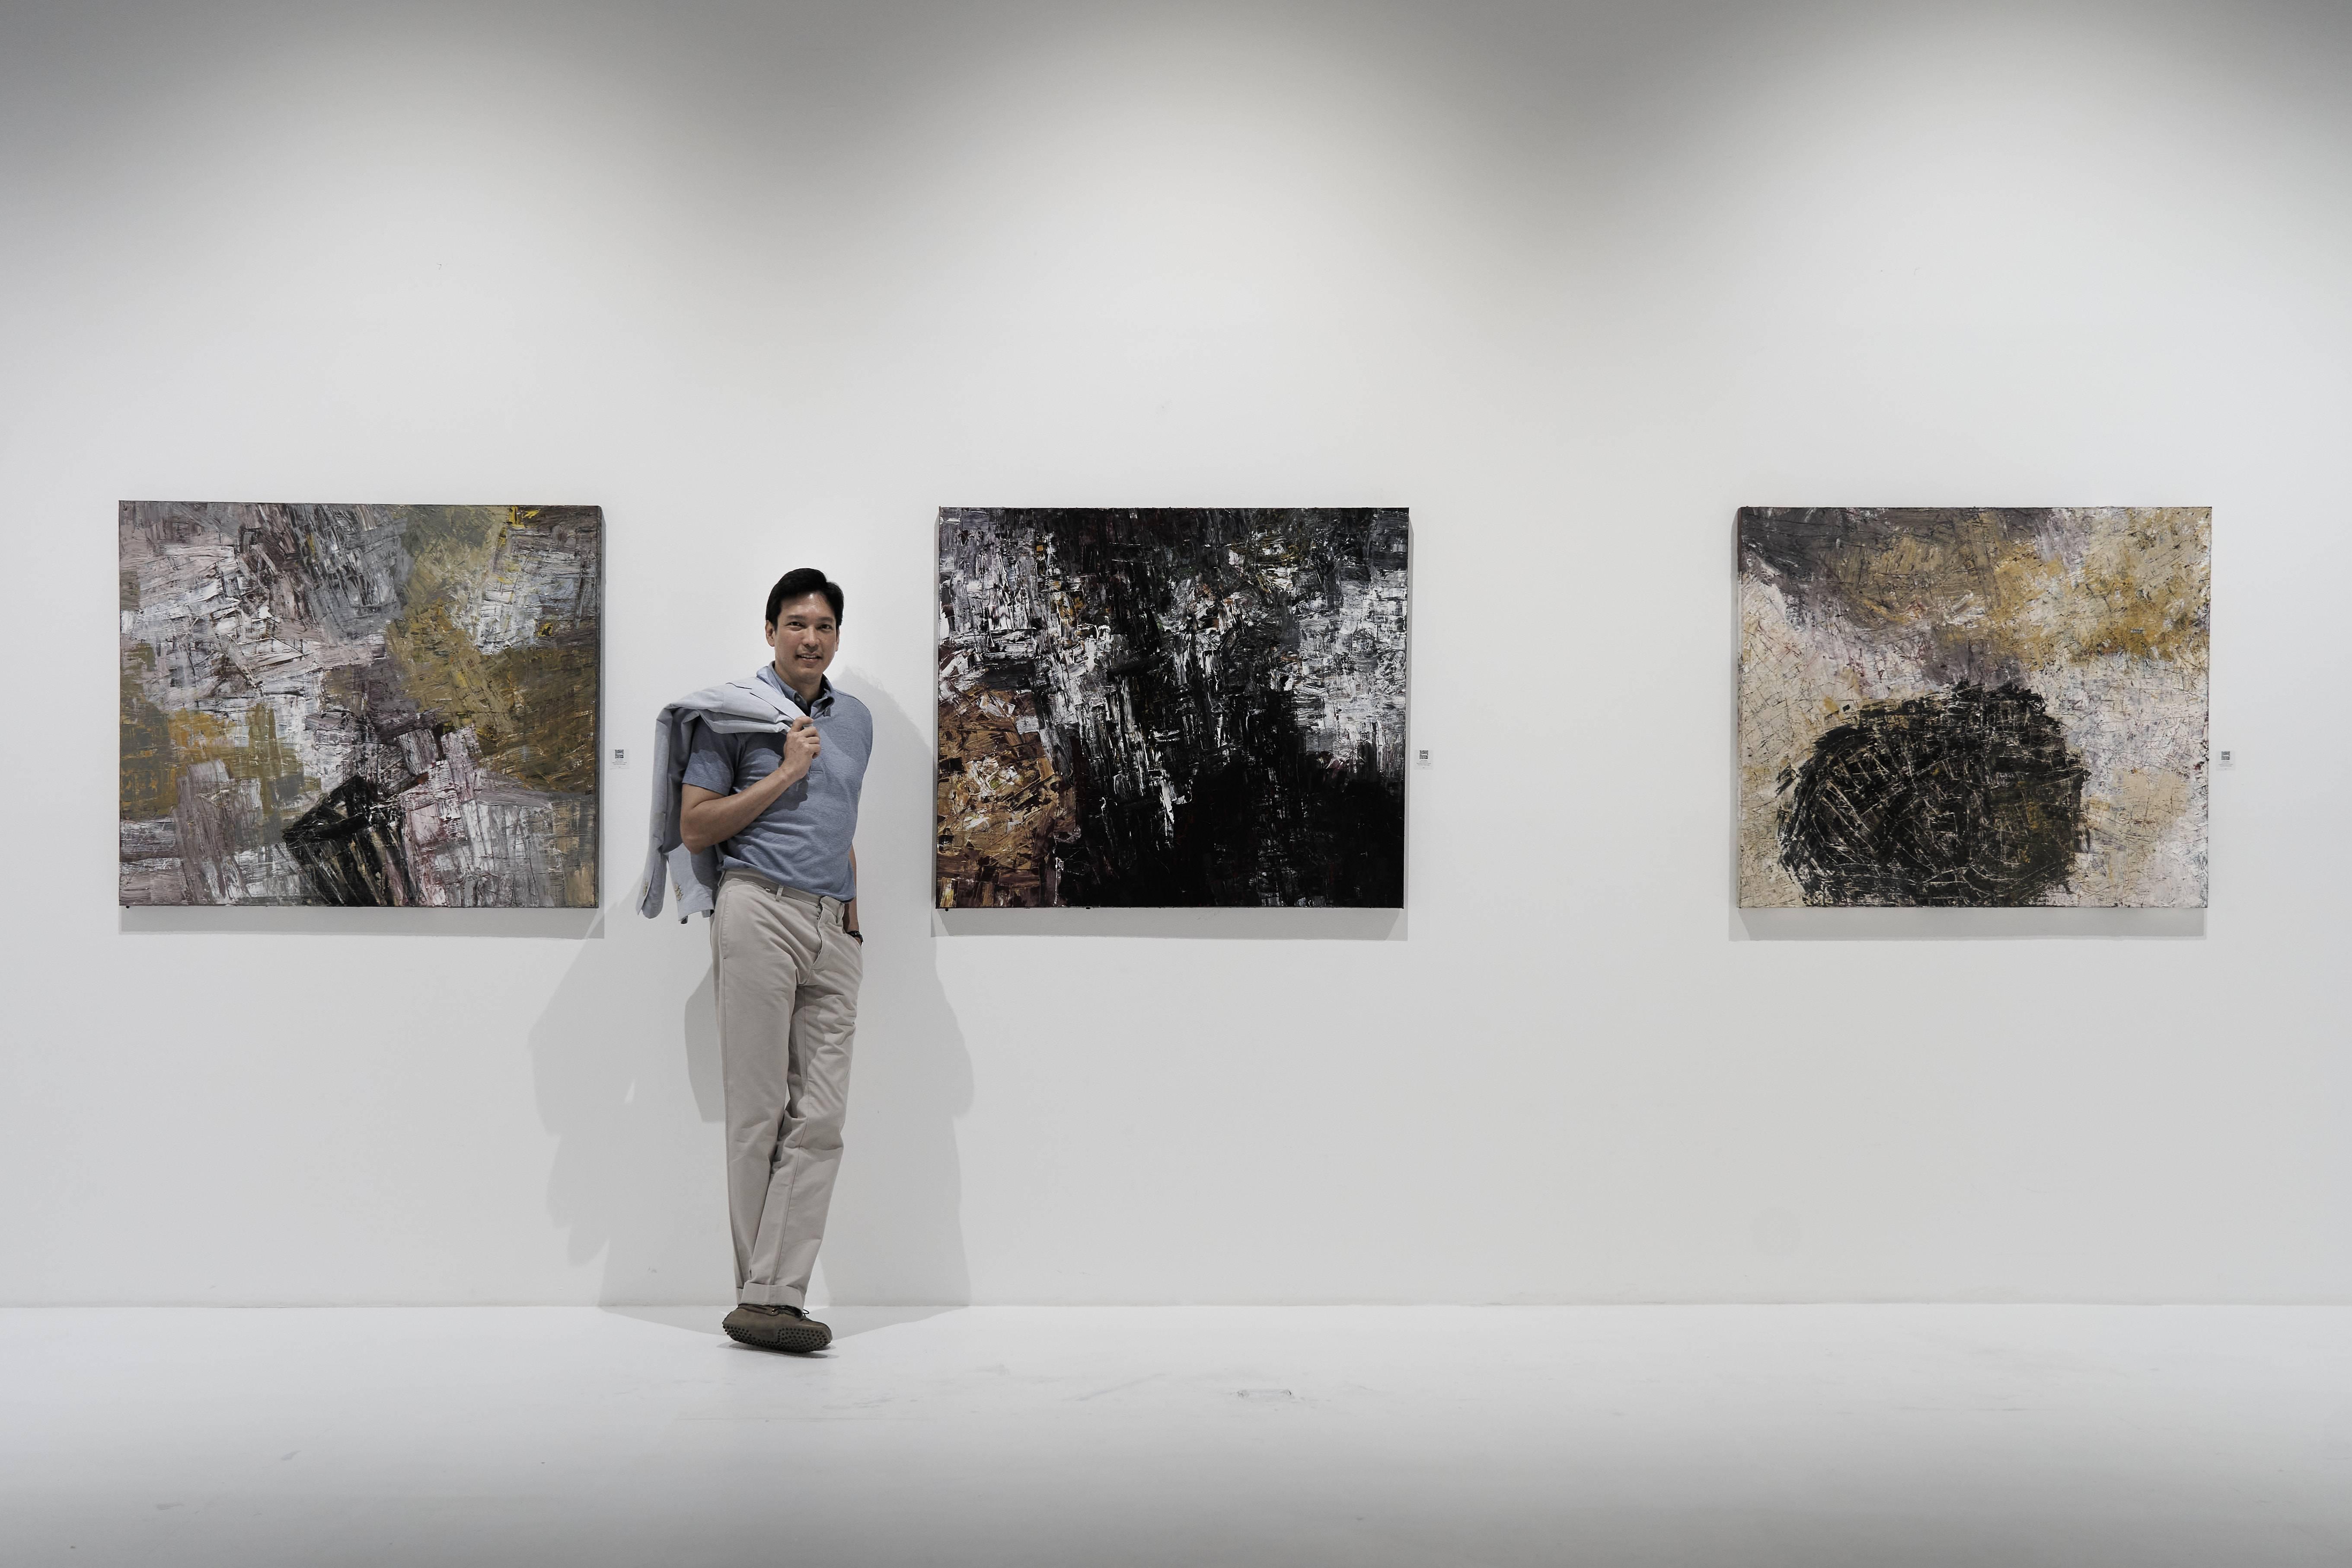 'IMPETUS' ผลงาน Abstract จากฝีแปรงของ 'รวิชญ์ เทิดวงส์' ที่หวนกลับมาแสดงครั้งแรกในรอบ 20 ปี